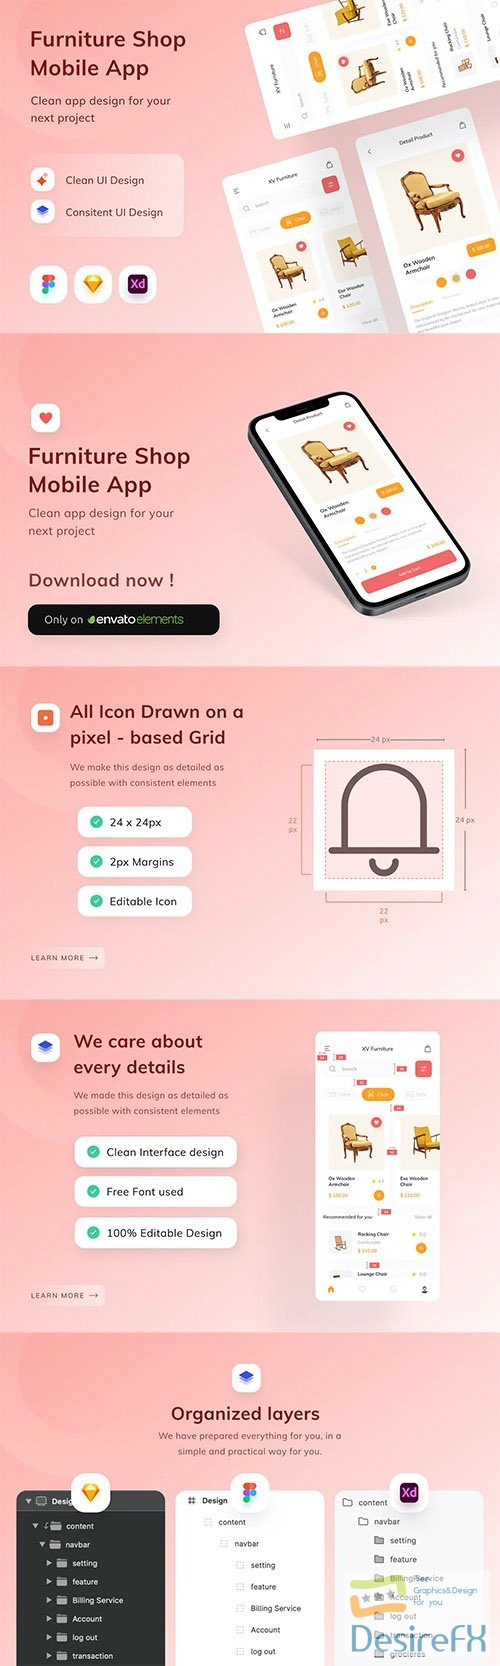 Furniture Shop Mobile App